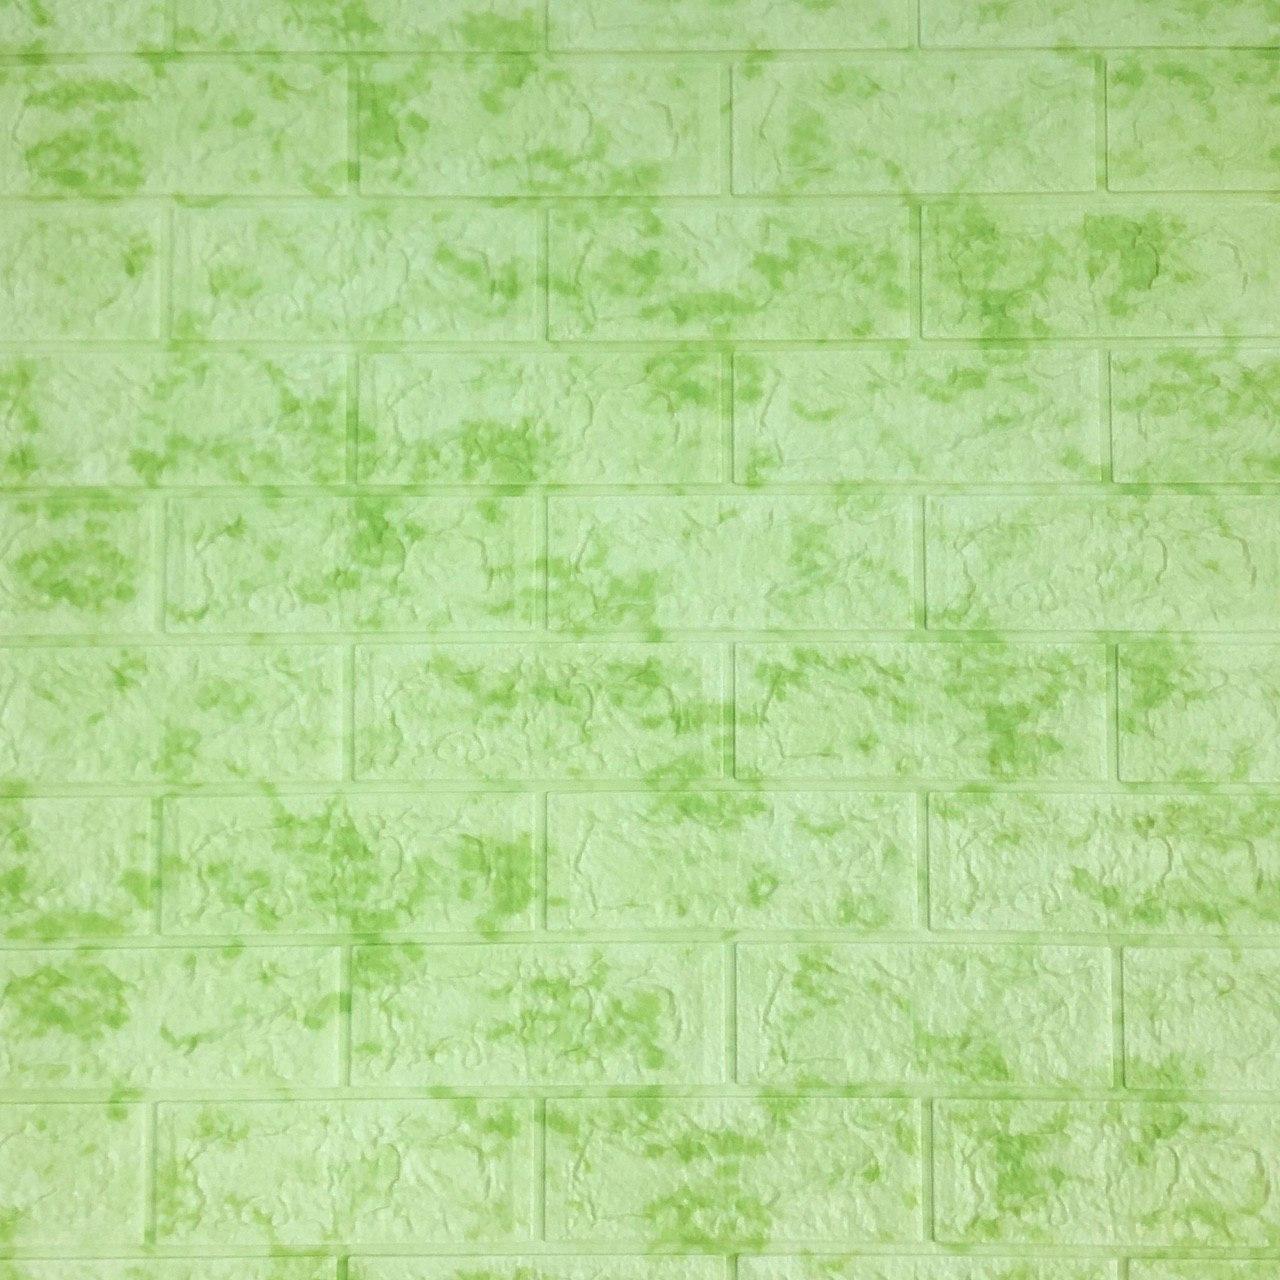 Самоклеющаяся декоративная 3D панель под кирпич салатовый мрамор 700x770x7мм